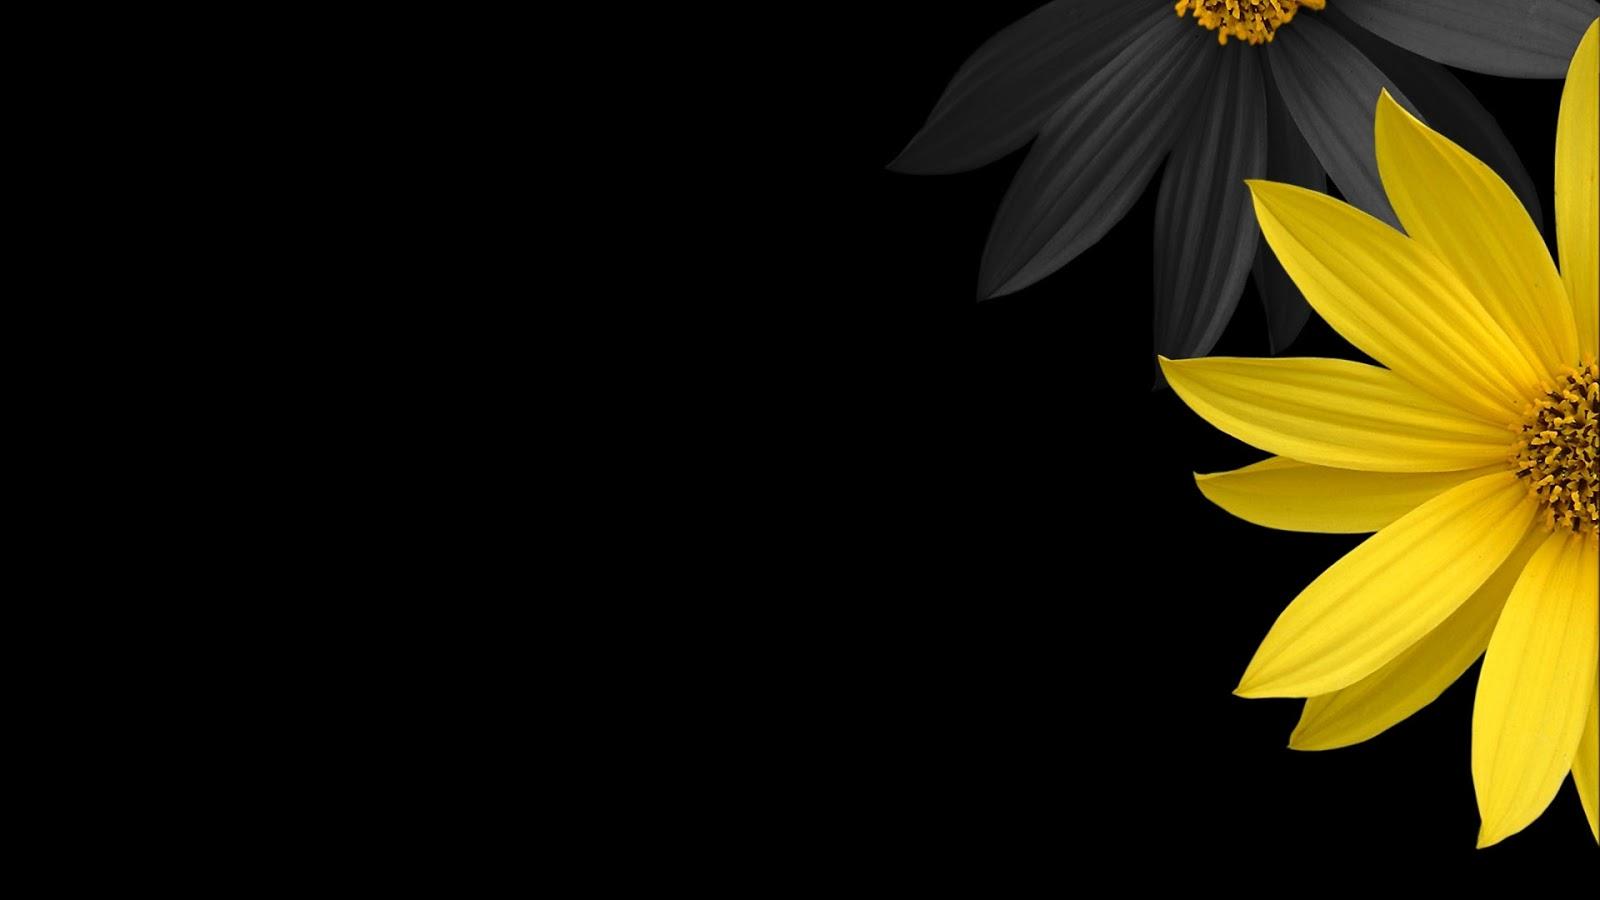 Hình nền hoa đen